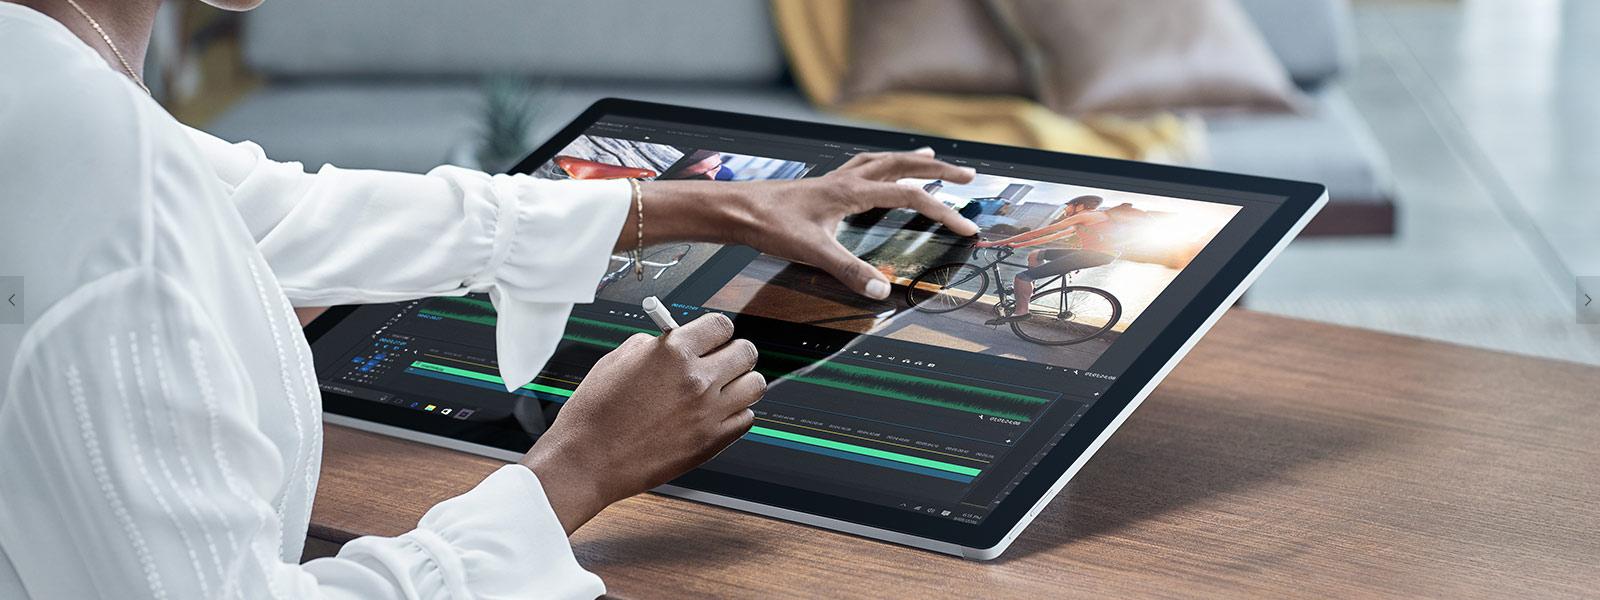 """En kvinna som använder Surface Studio """"pinch zooming"""" med penna och pekgester."""